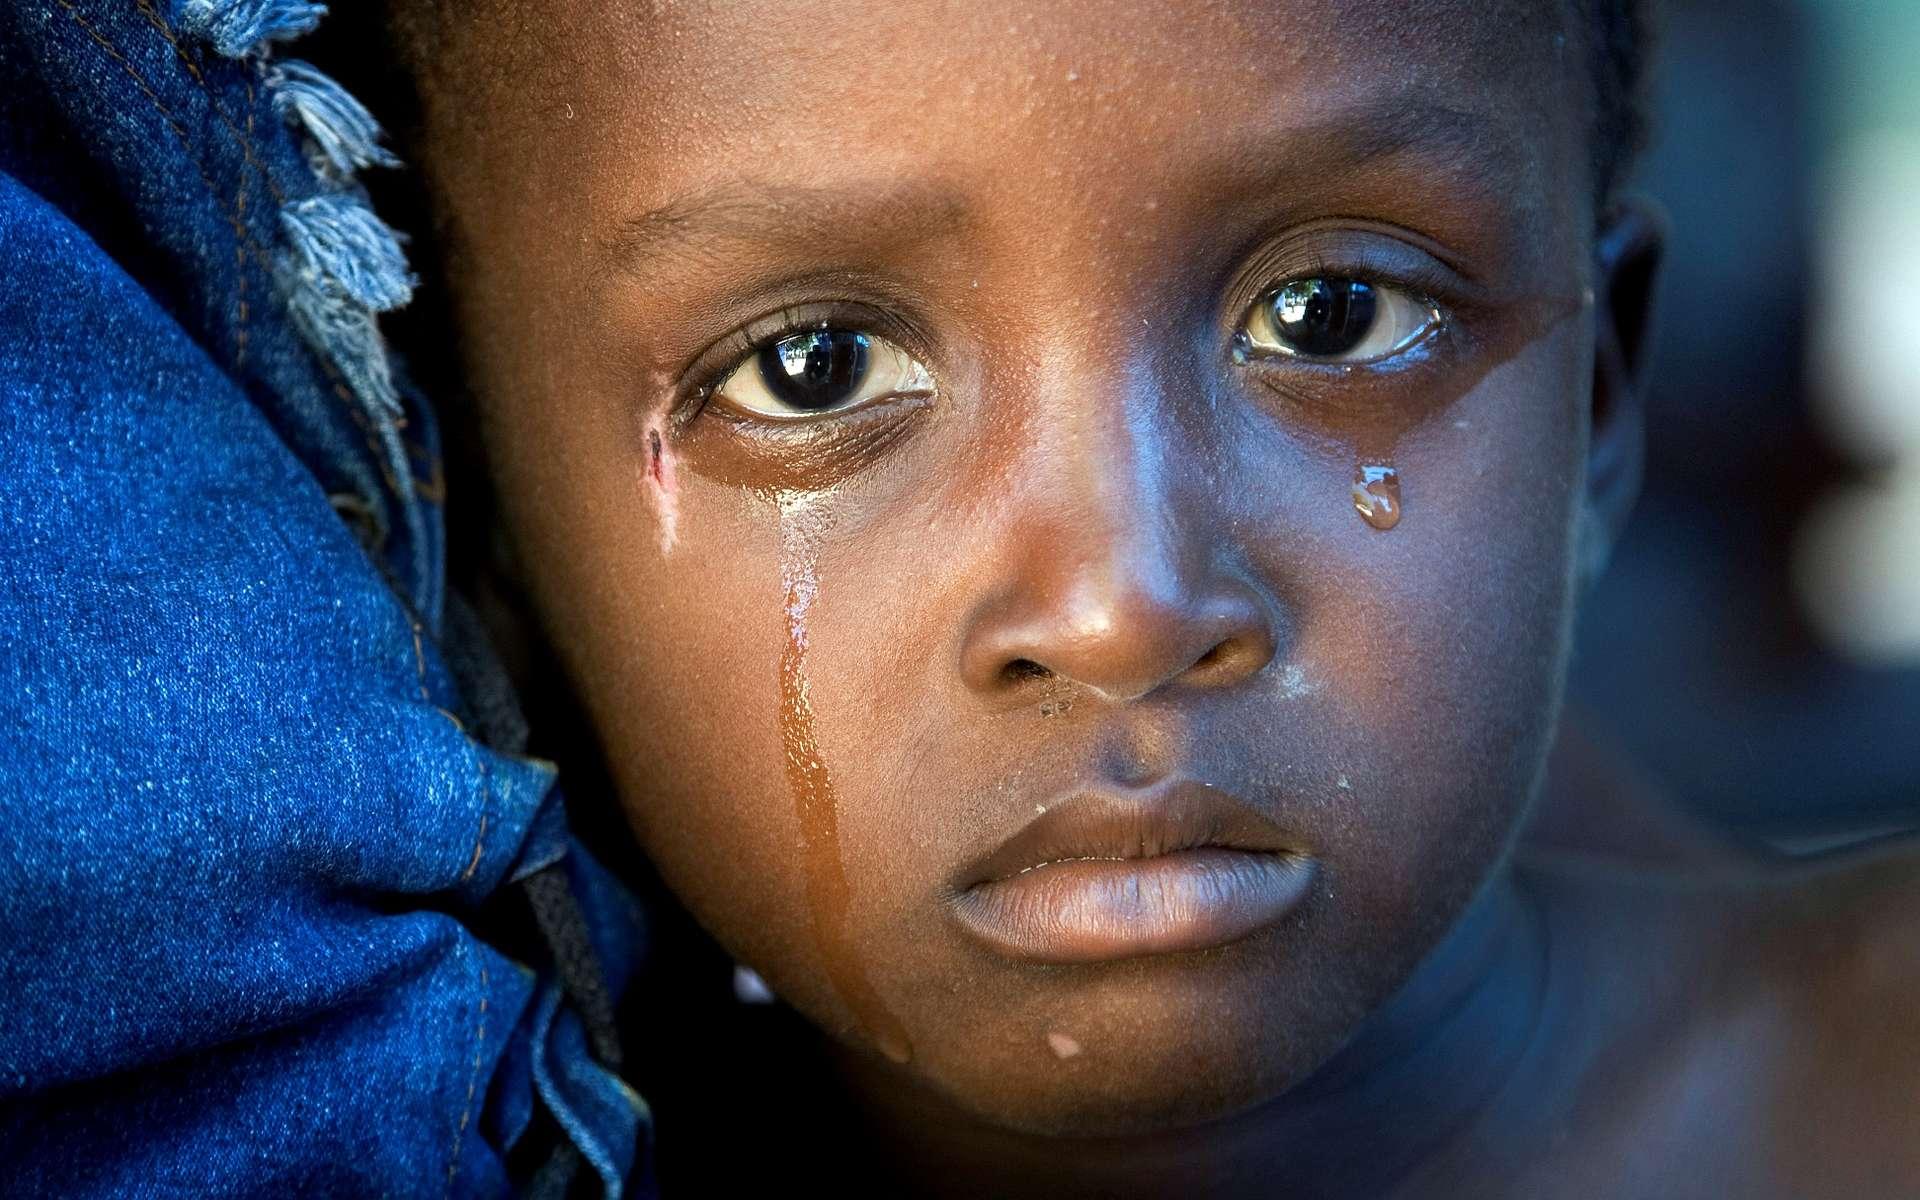 Ce petit haïtien est touché par l'épidémie de choléra qui a frappé son île à la suite du terrible séisme de janvier 2010. Cette maladie cause des diarrhées, à l'origine de très nombreux décès d'enfants. © United Nations Photo, Fotopédia, cc by nc nd 2.0